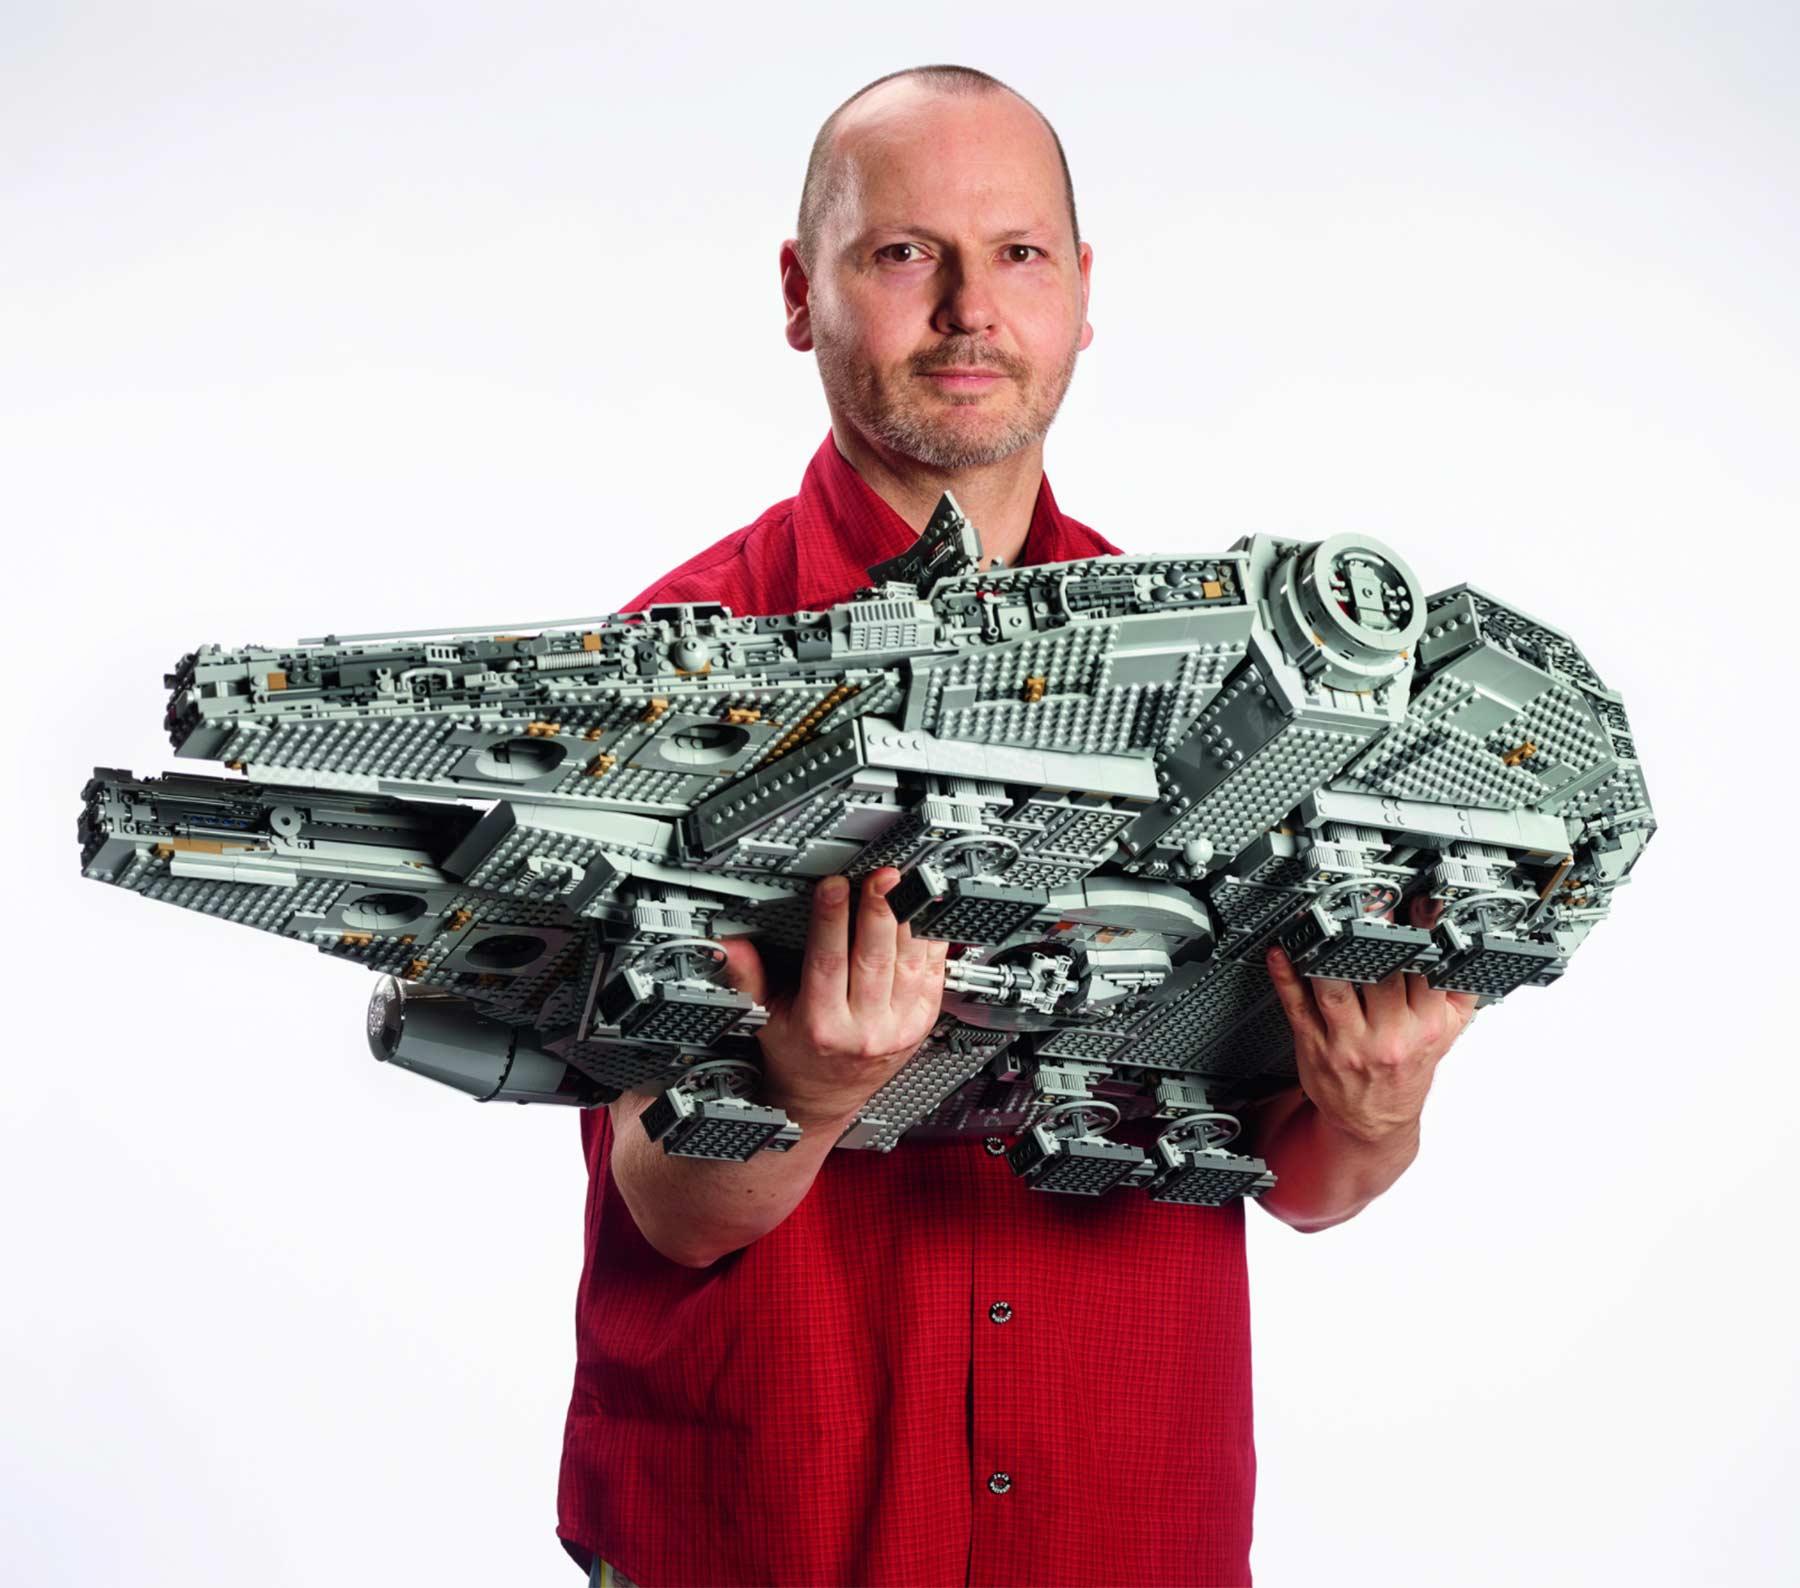 Dieser neue LEGO-Millennium Falcon kommt mit 7.541 Steinen LEGO-Millennium-Falcon-neu_07